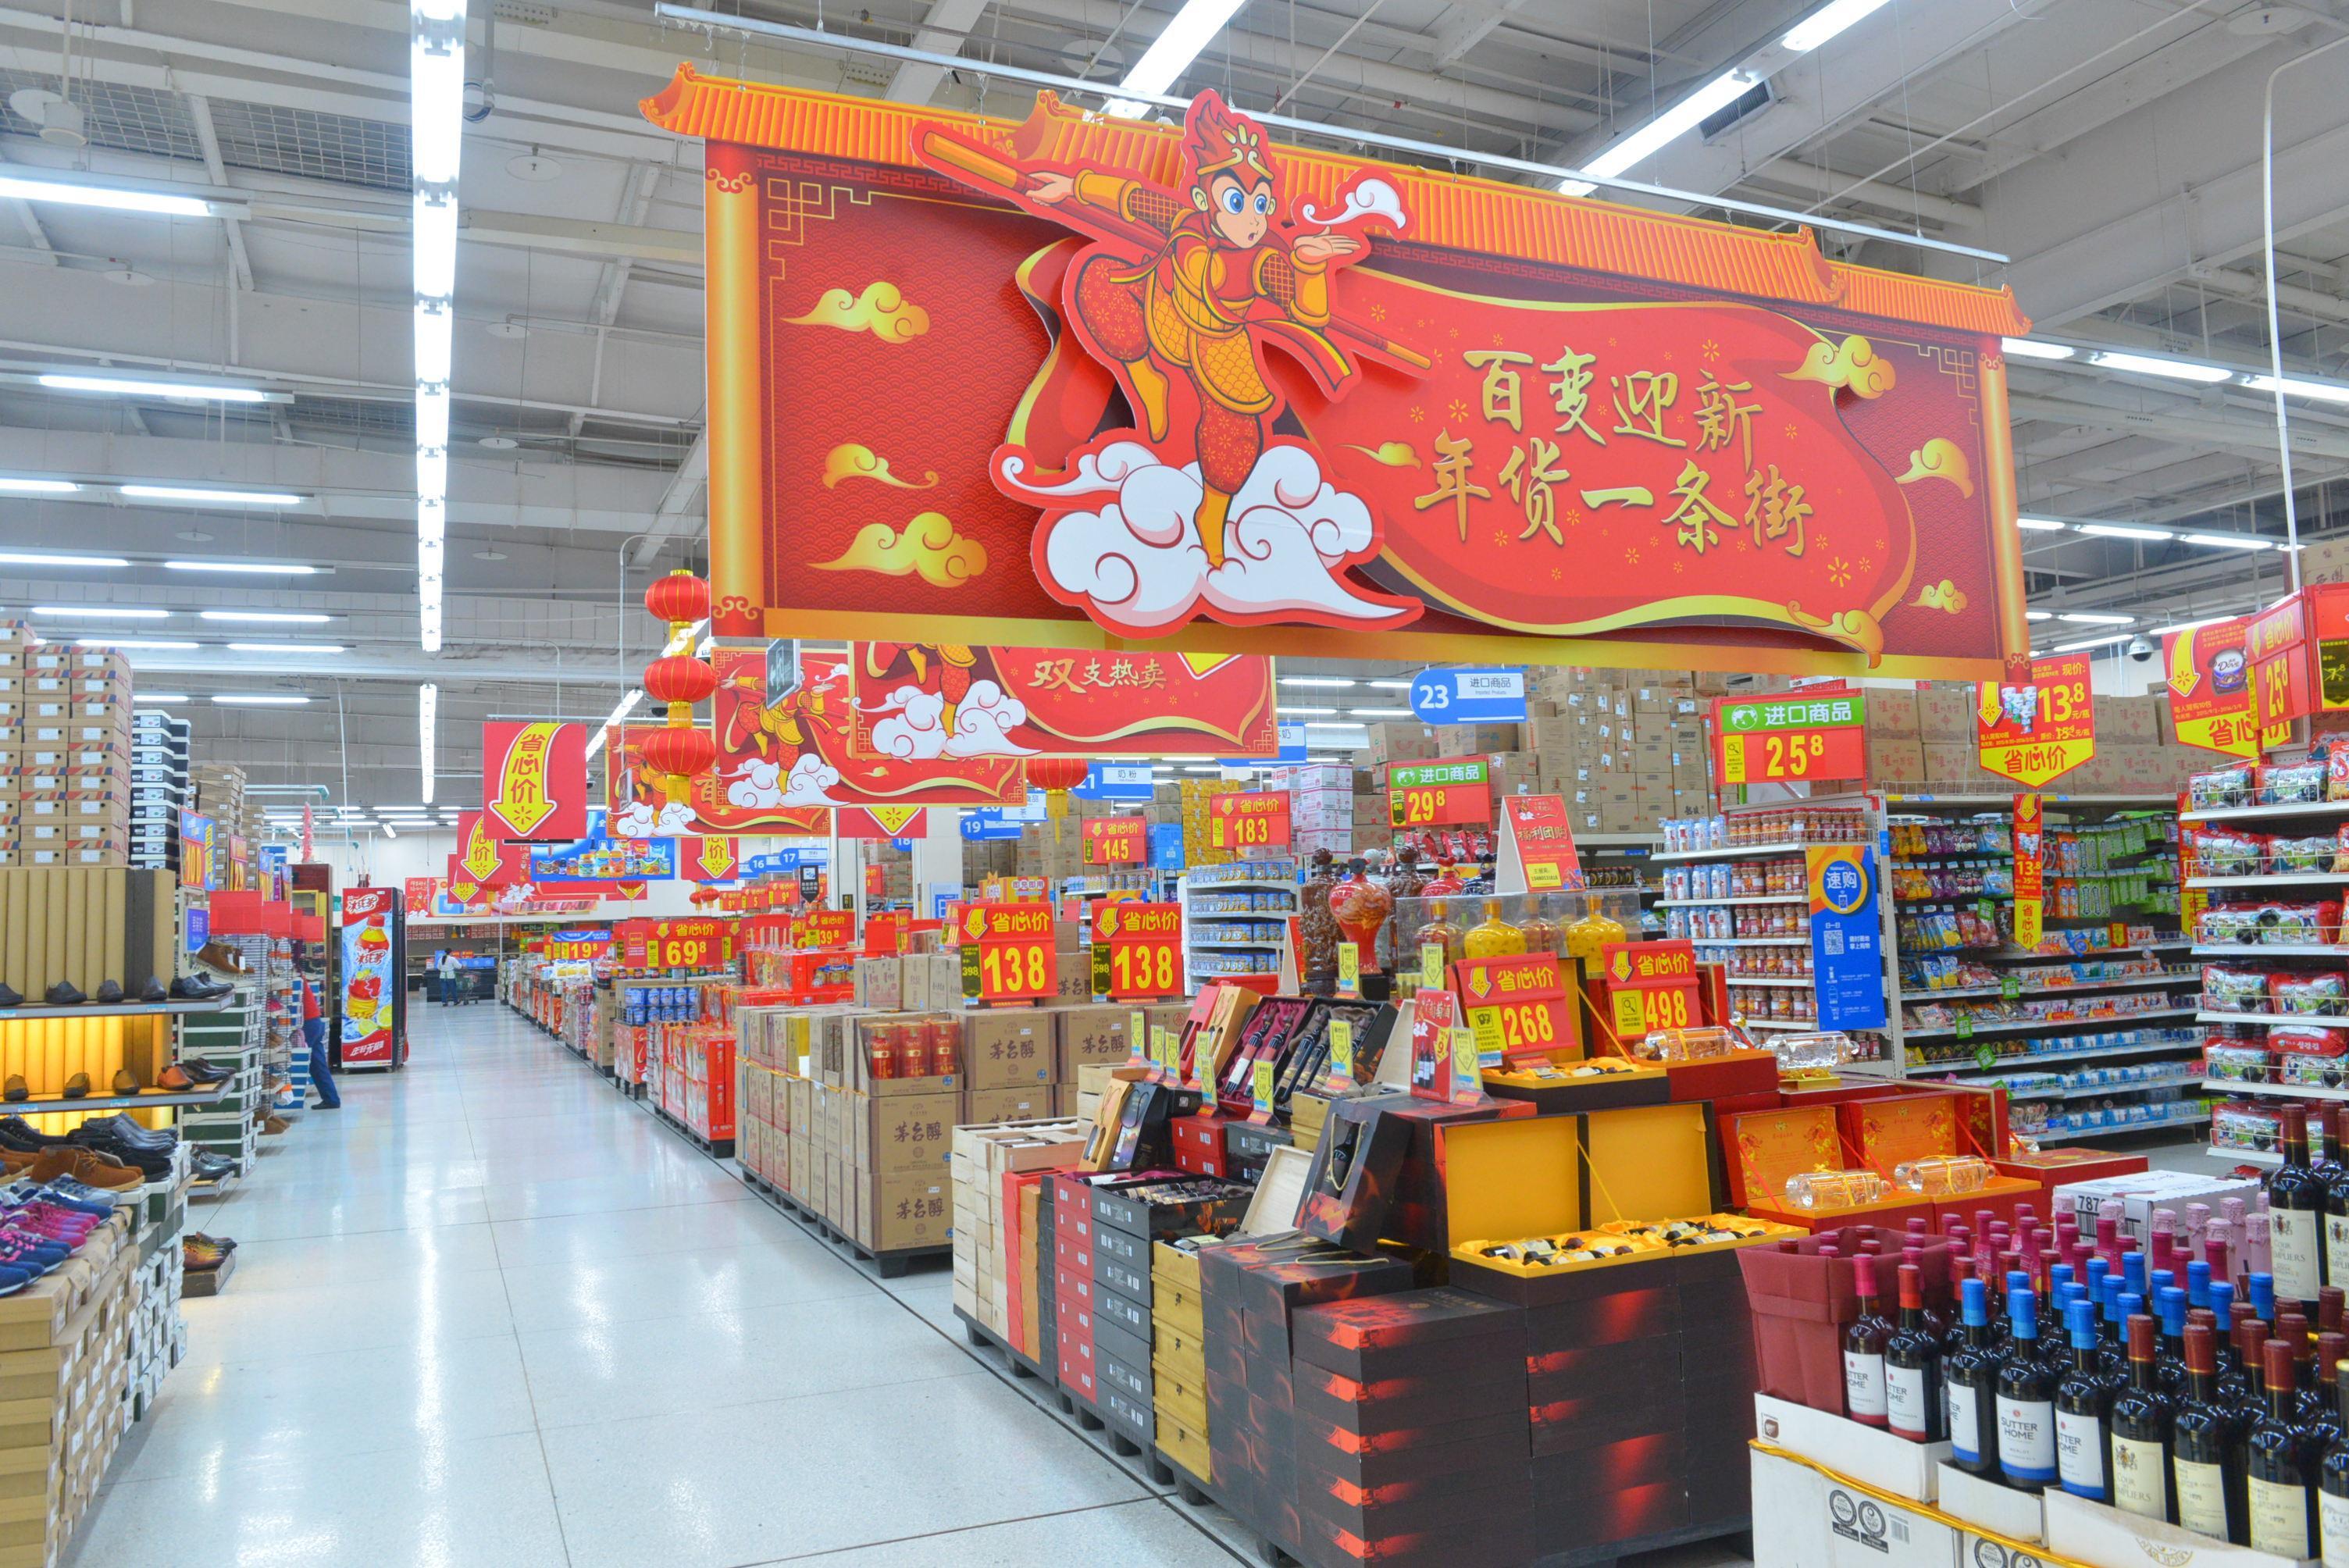 Ảnh siêu thị ở Trung Quốc trước thềm năm mới